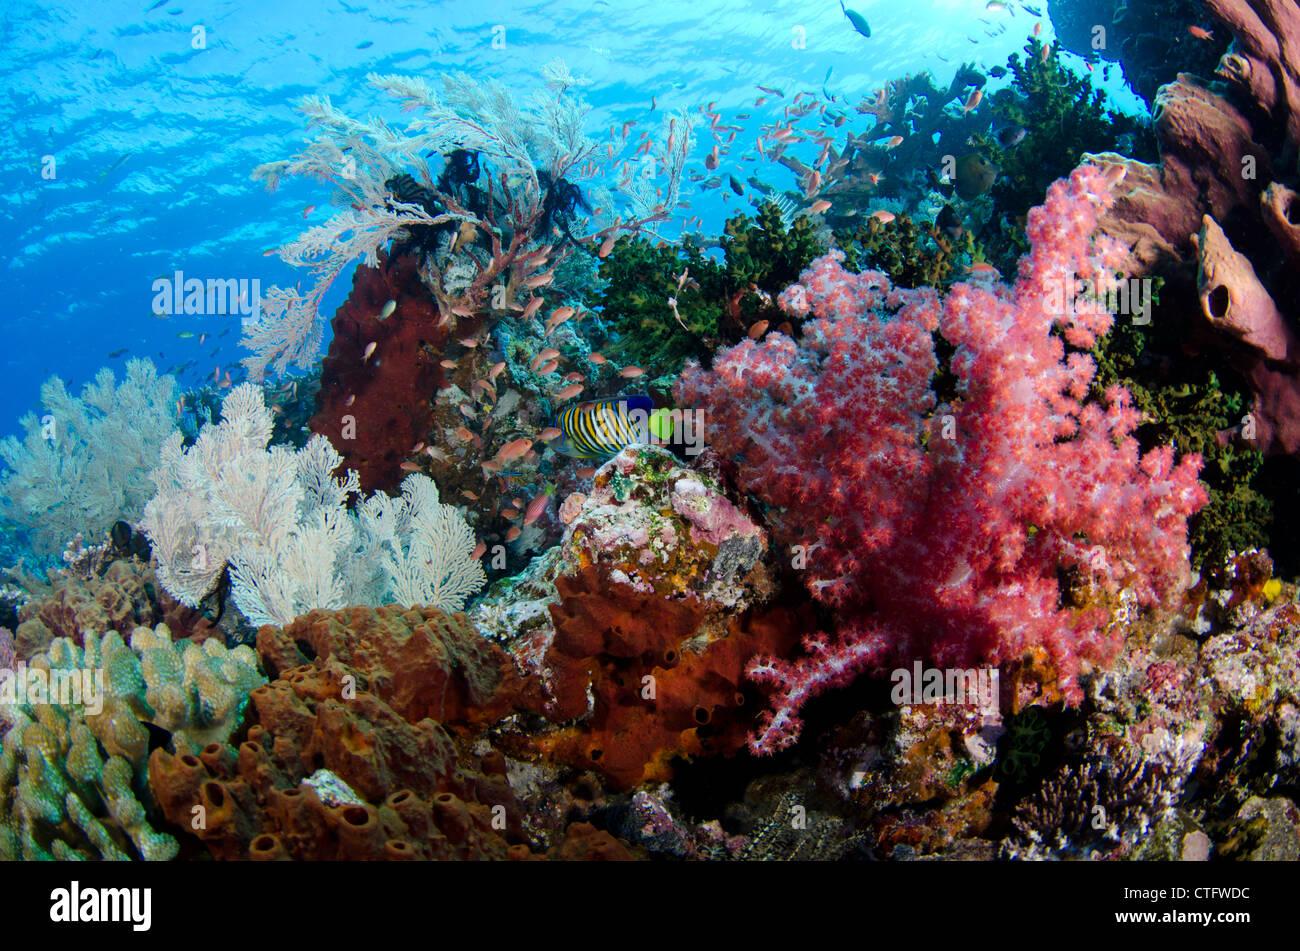 Coral reef scene, Komodo national park, Indonesia - Stock Image